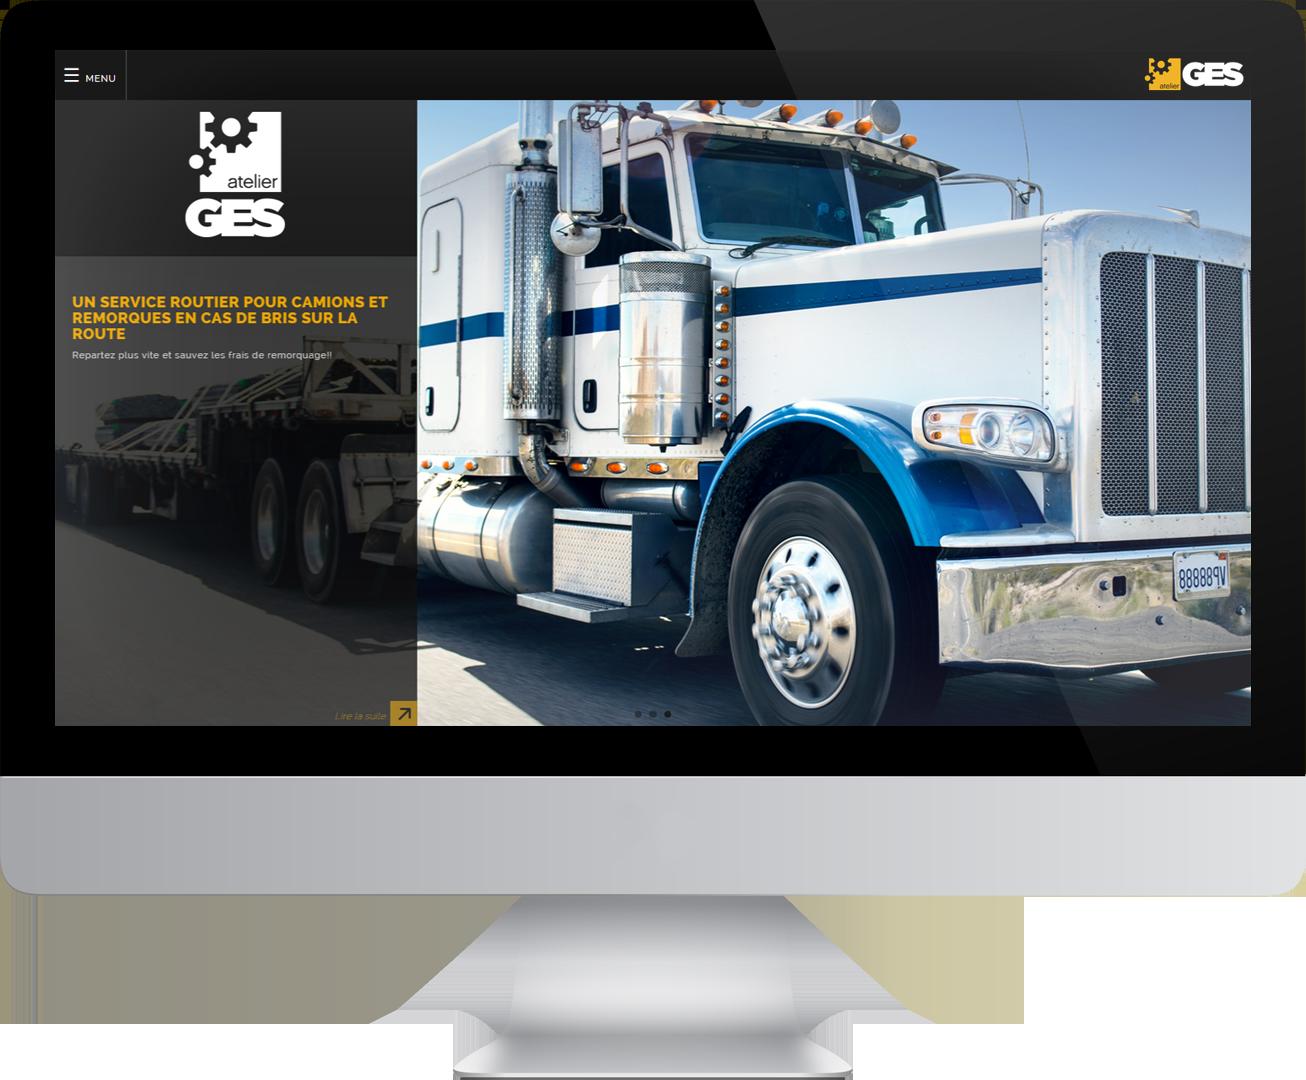 Écran d'ordinateur dans lequel on voit un camion lourd